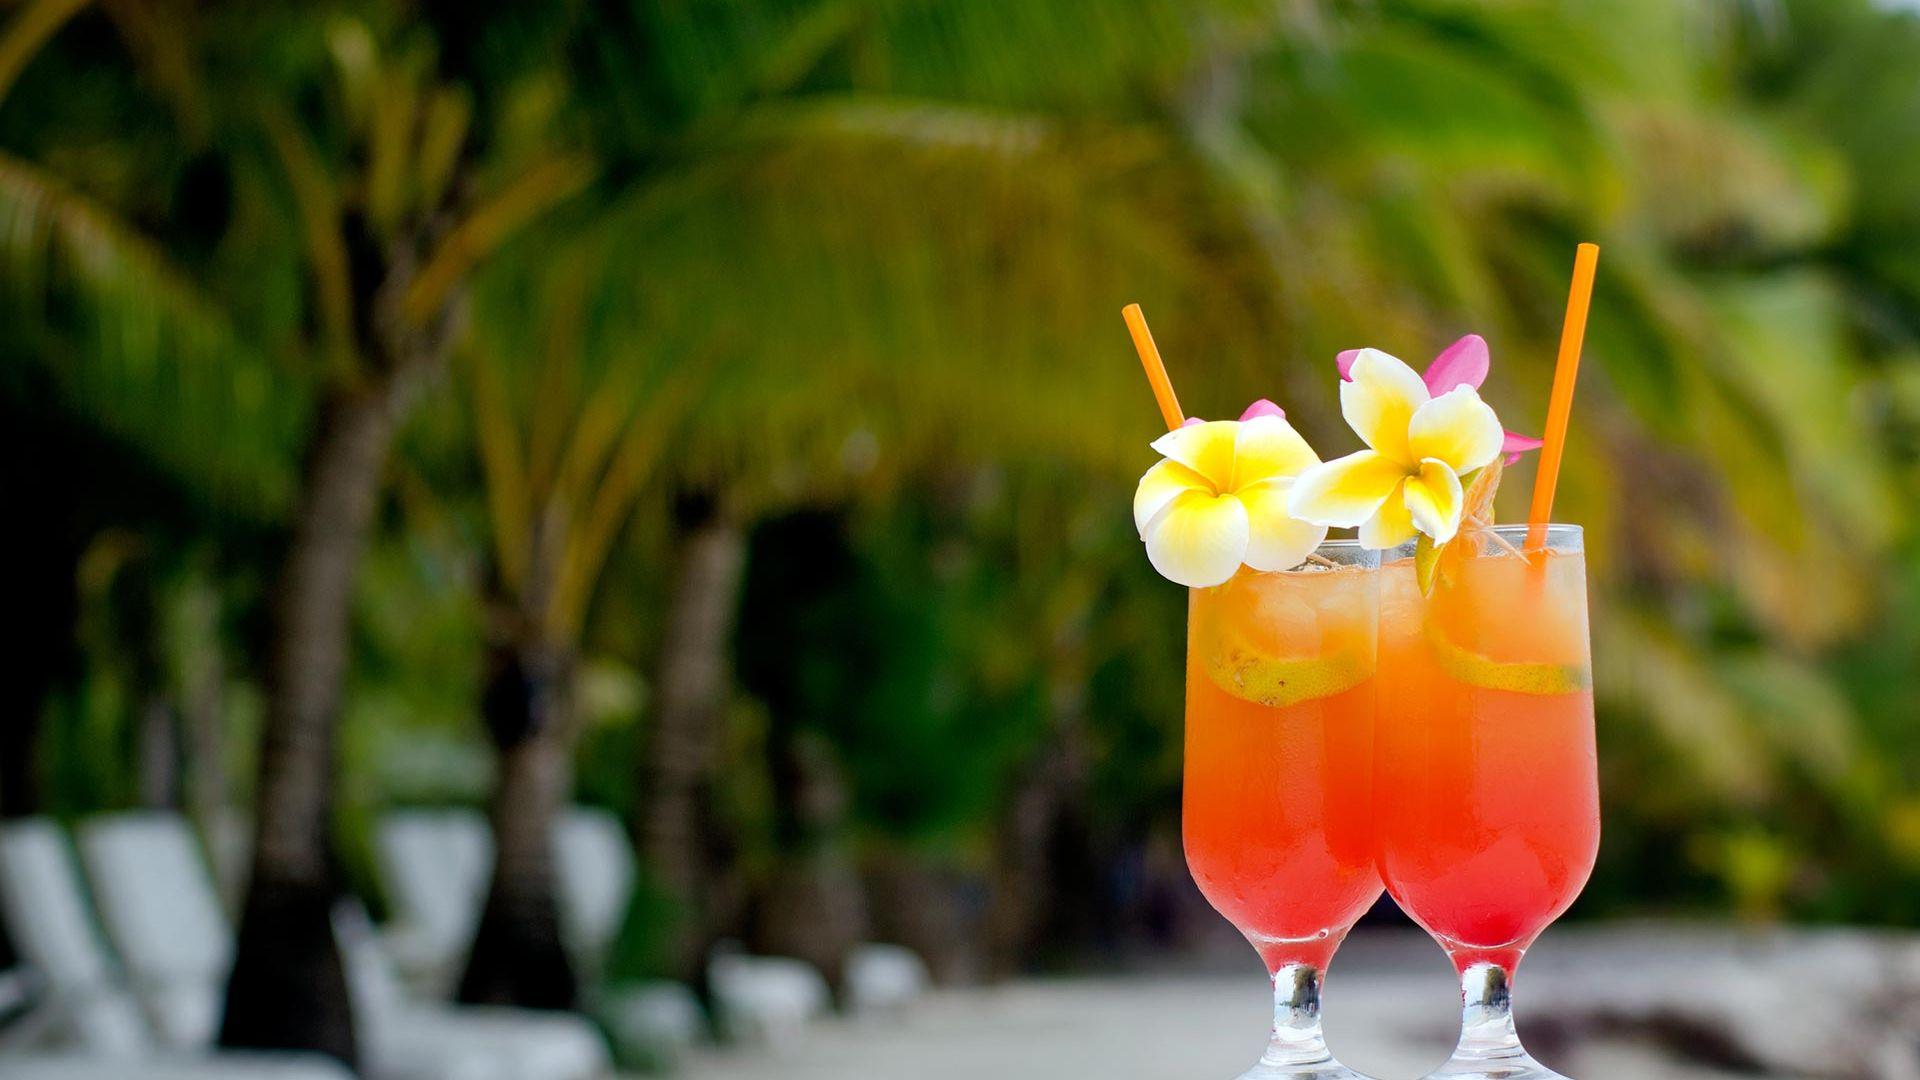 Sejur plaja Mauritius, 12 zile - 8 ianuarie 2022